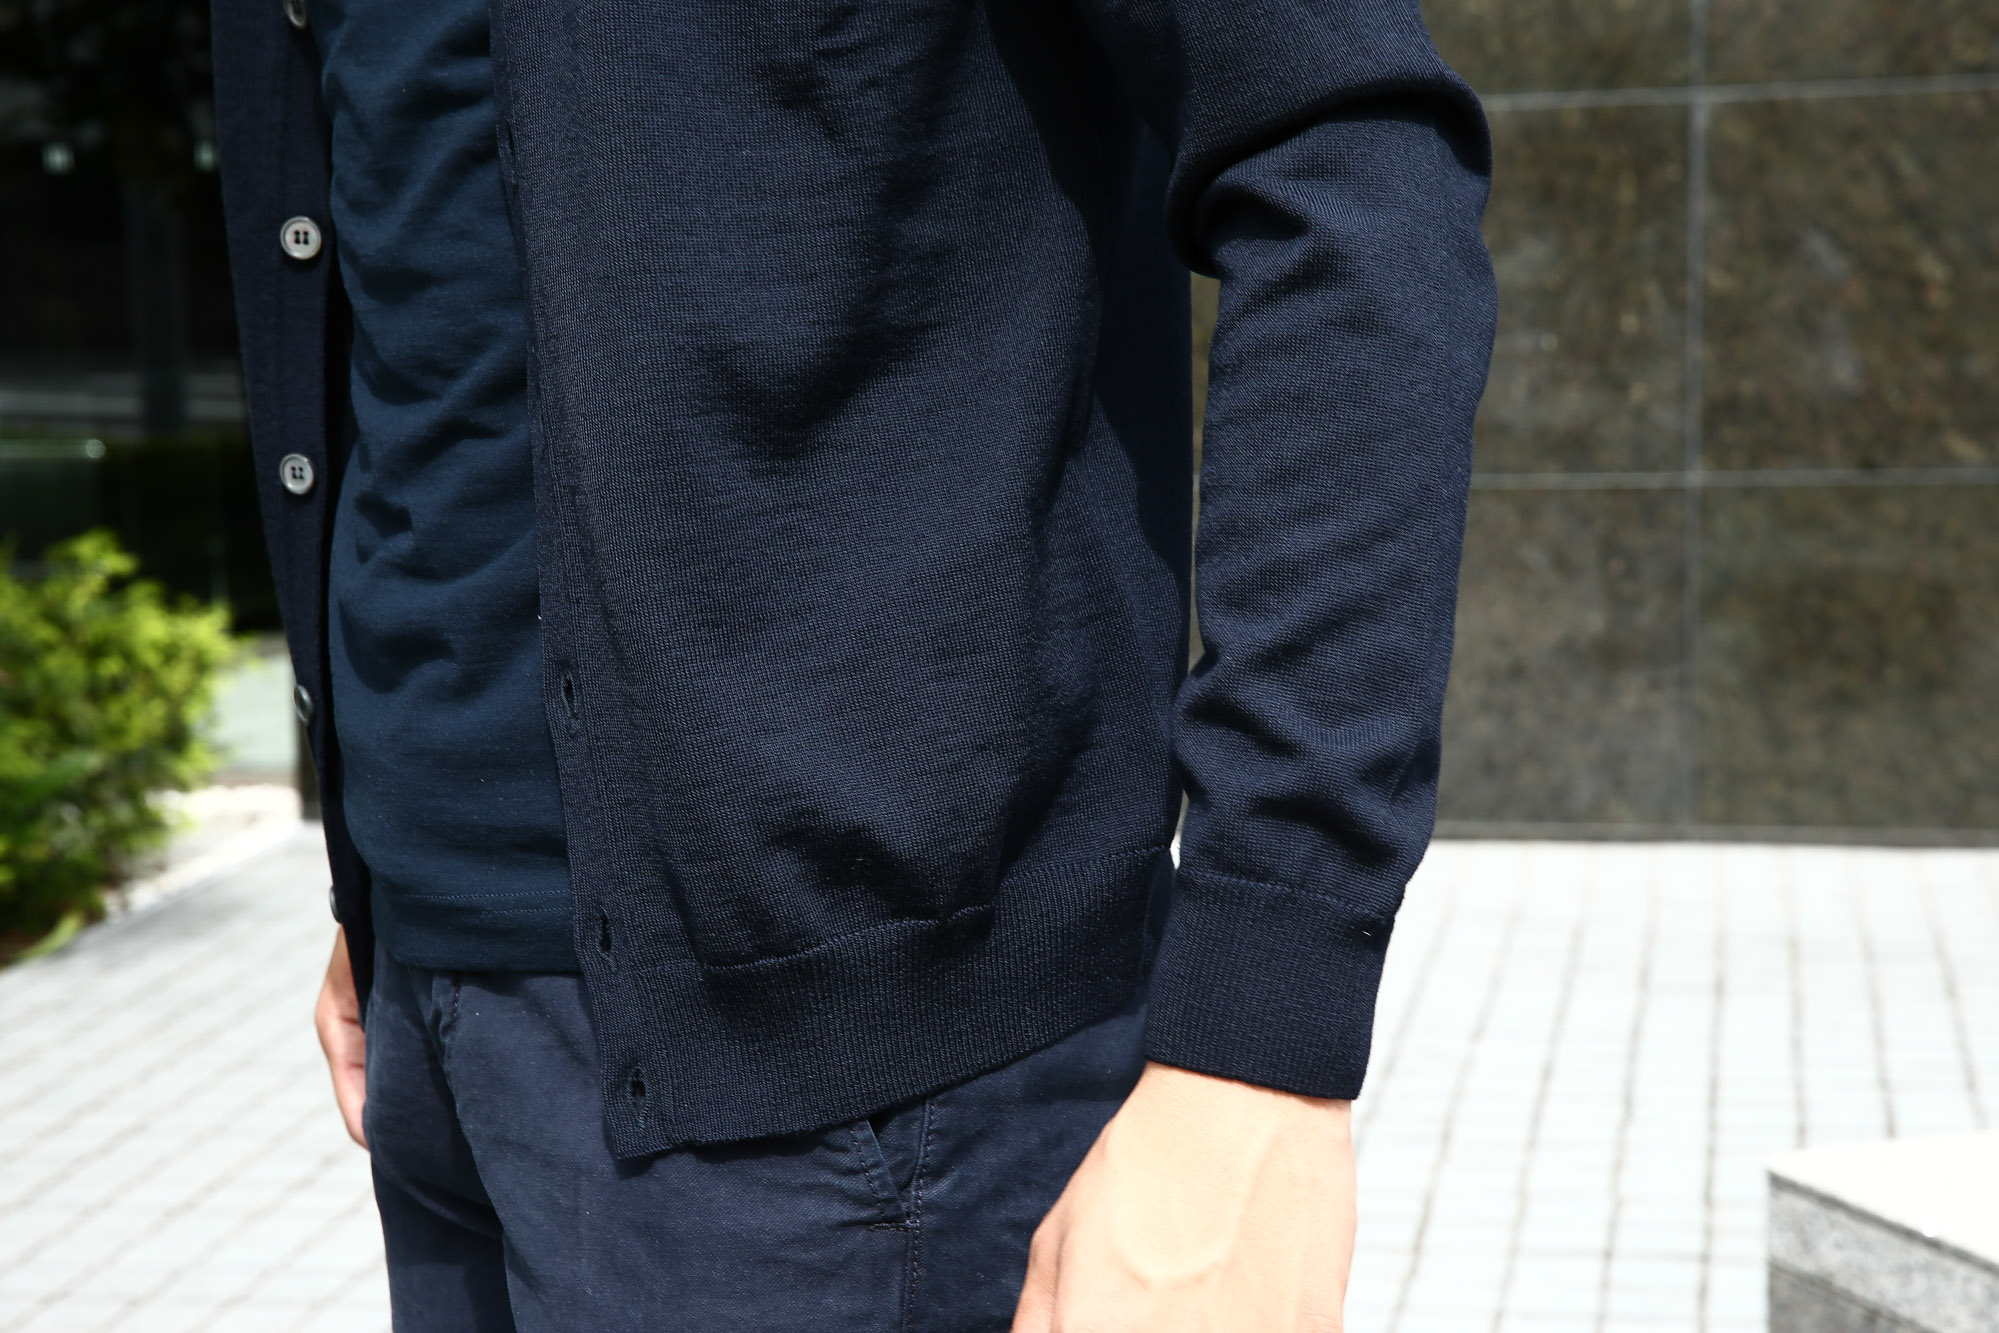 ZANONE(ザノーネ) CARDIGAN Sweaters V-Neck 811823 z0210 VIRGIN WOOL 100% ハイゲージニット ウールニット カーディガン NAVY(ネイビー・Z1375) のコーディネート画像。2016年秋冬 新作 名古屋 愛知 ZODIAC 入荷しました。